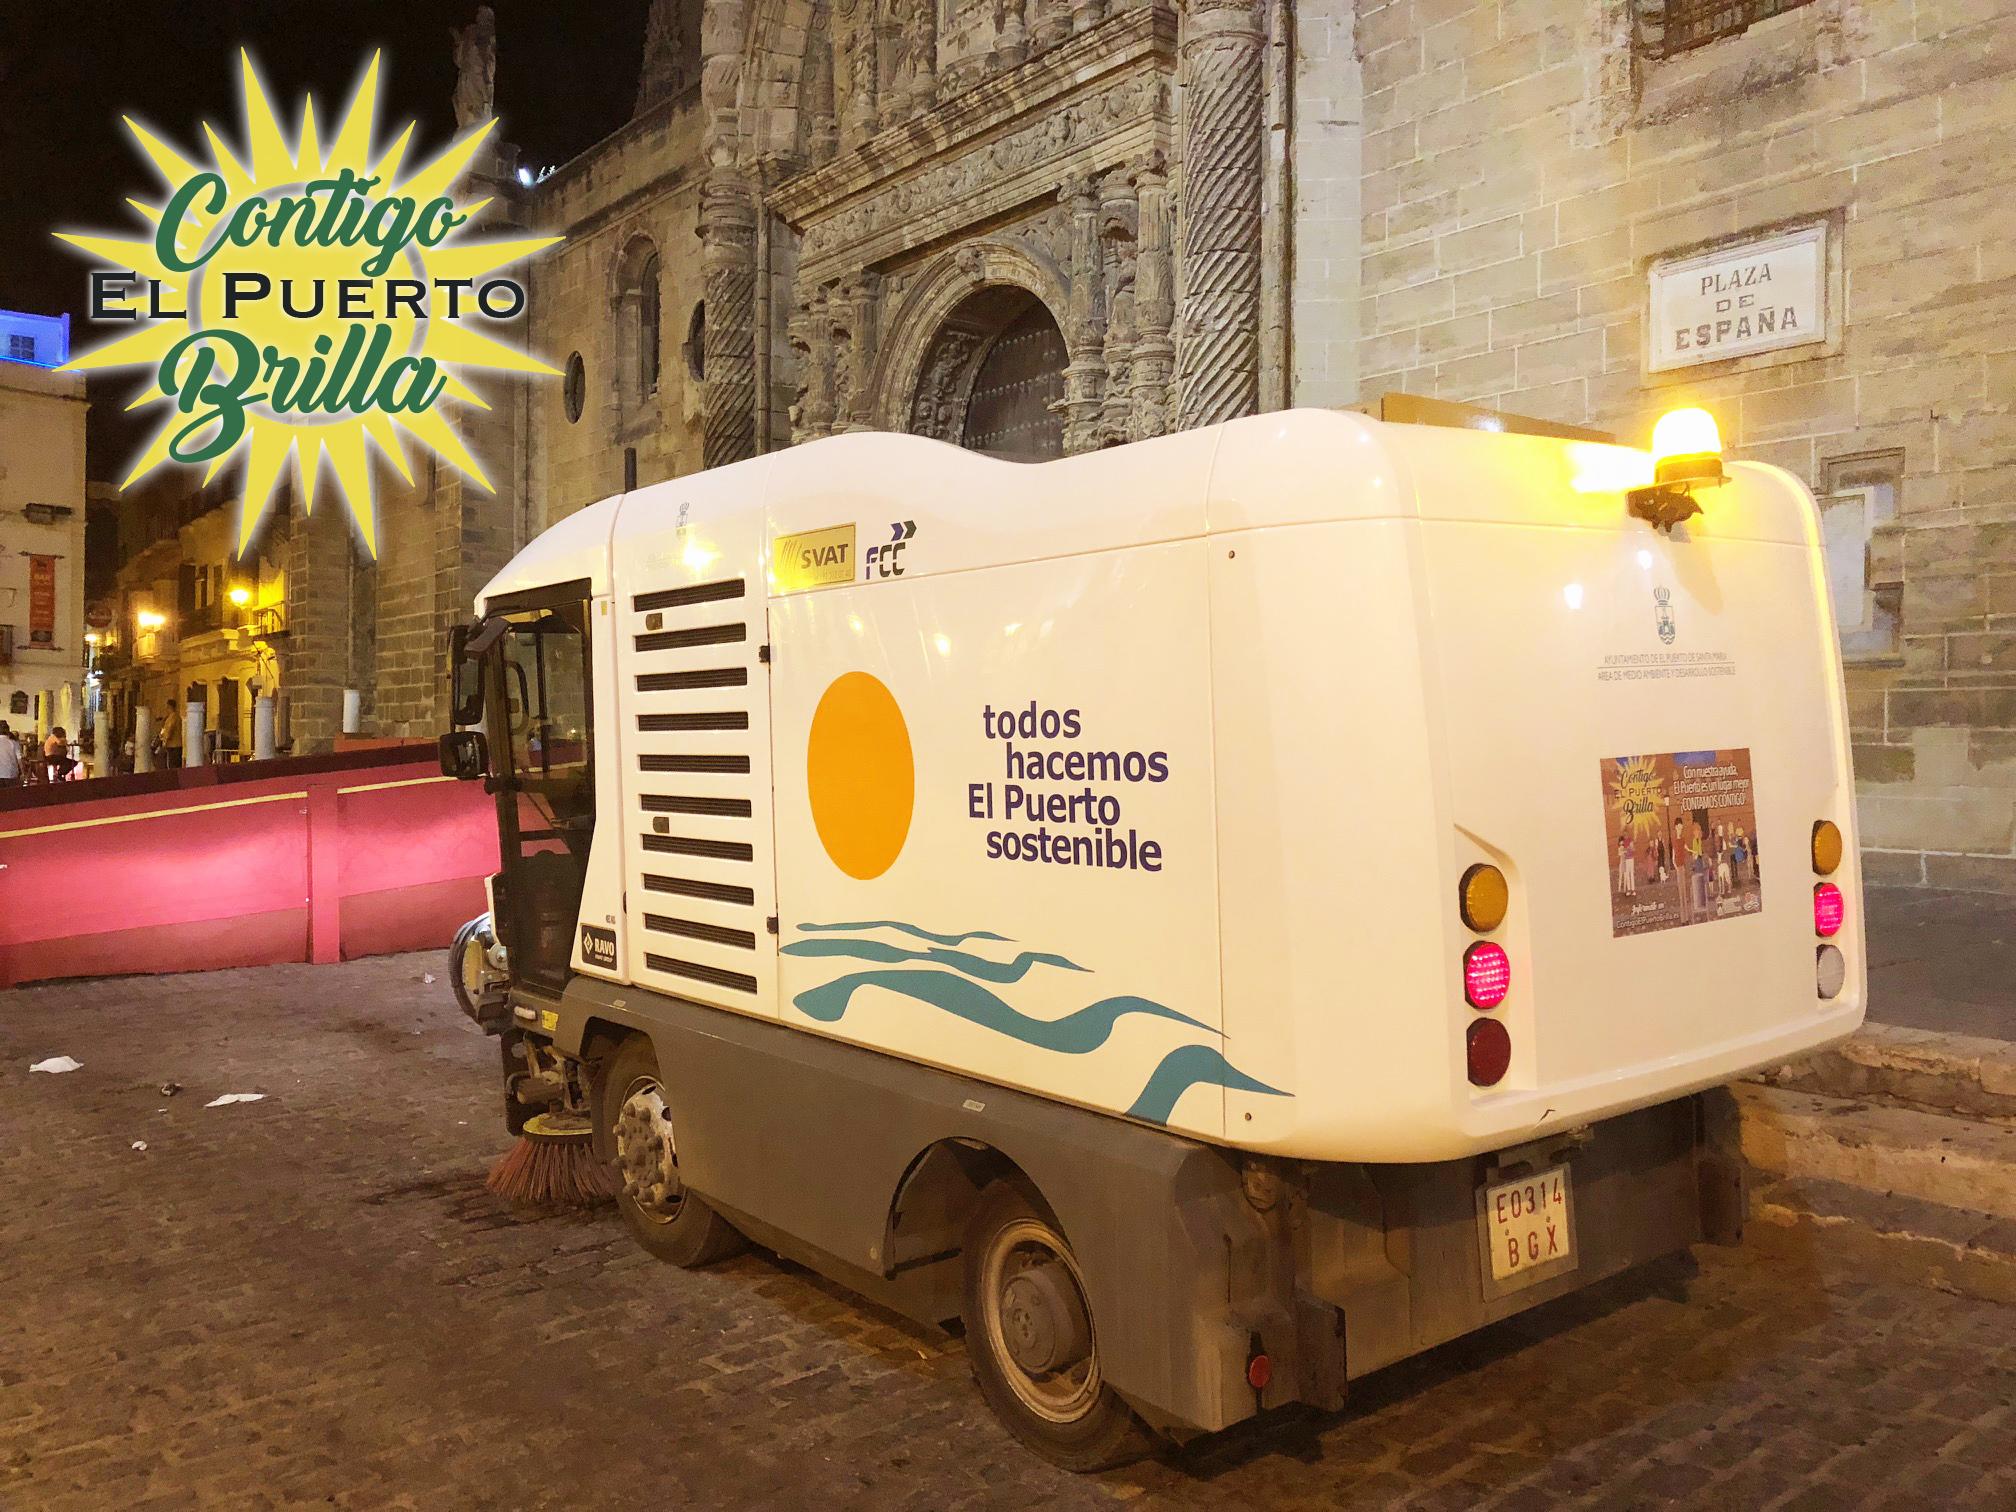 vehículos de limpieza con campaña